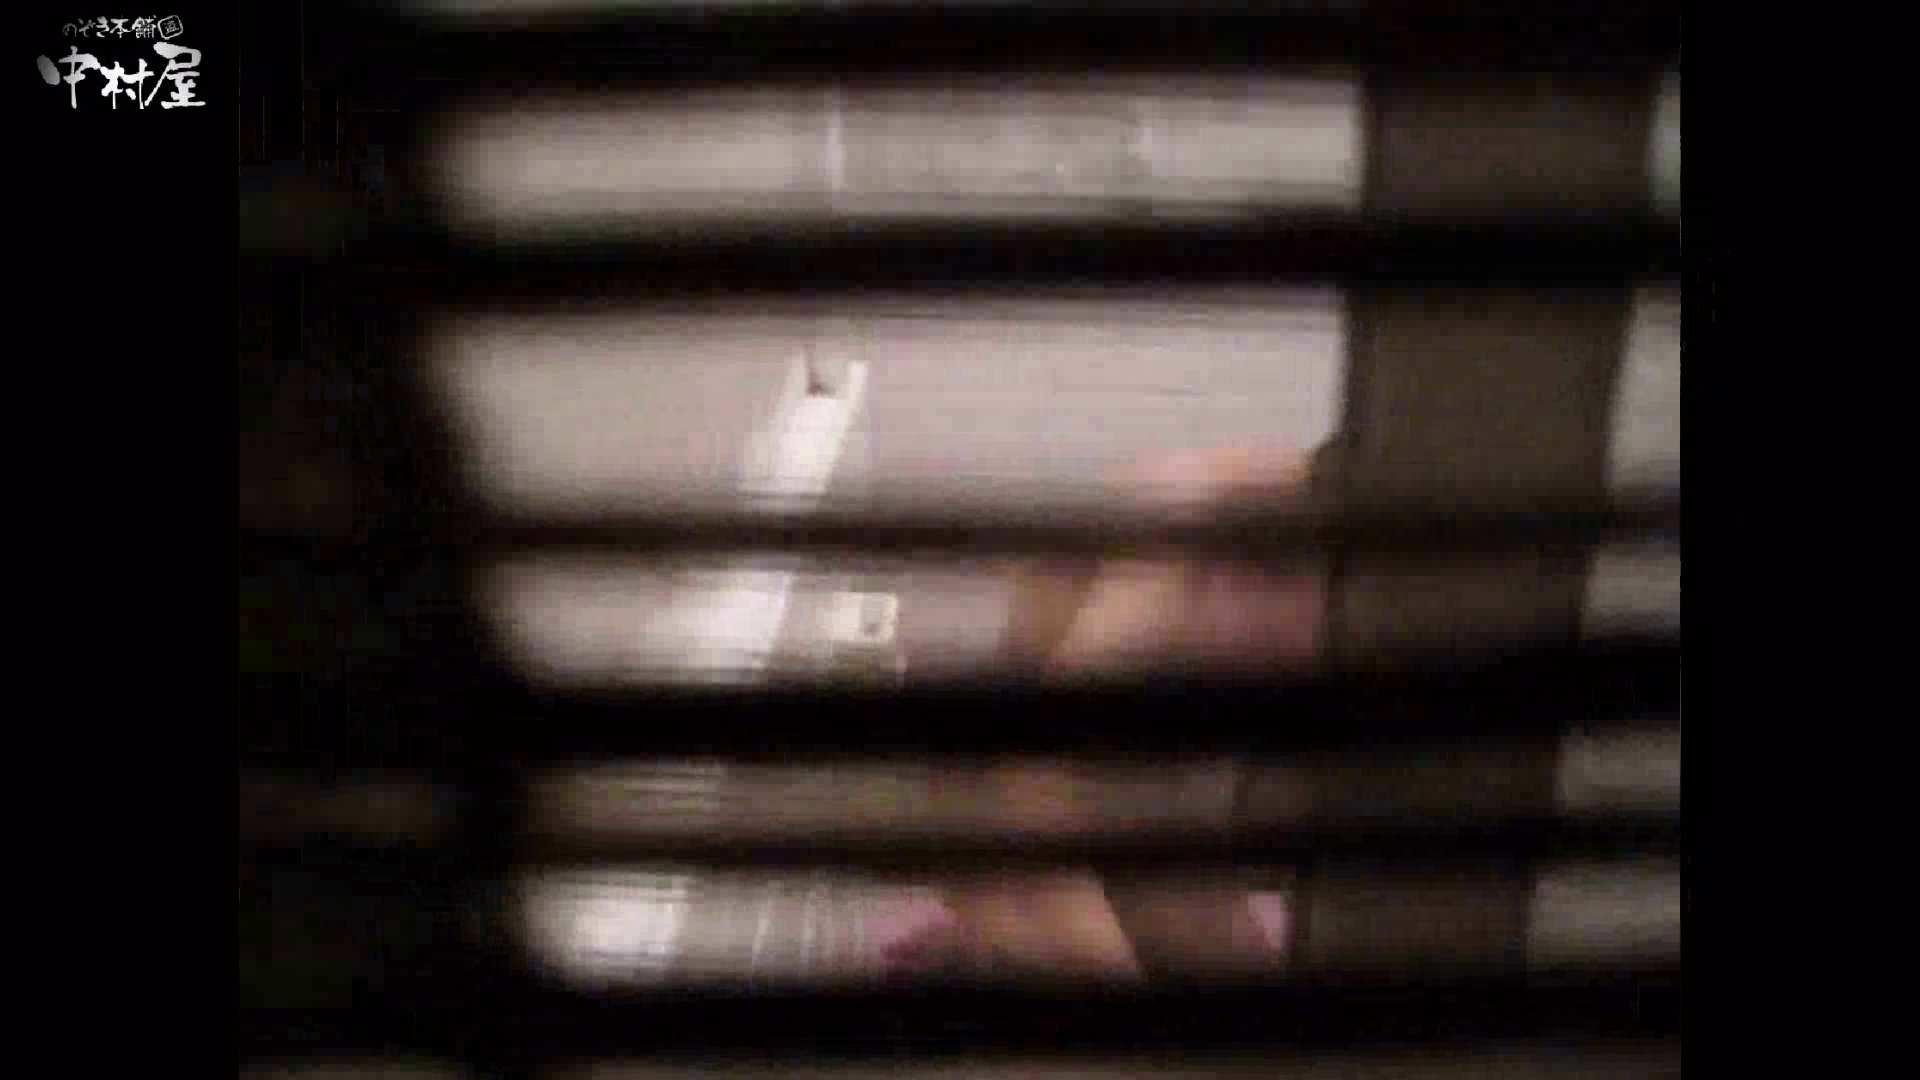 民家風呂専門盗撮師の超危険映像 vol.017 美女エロ画像 おめこ無修正動画無料 93PICs 22